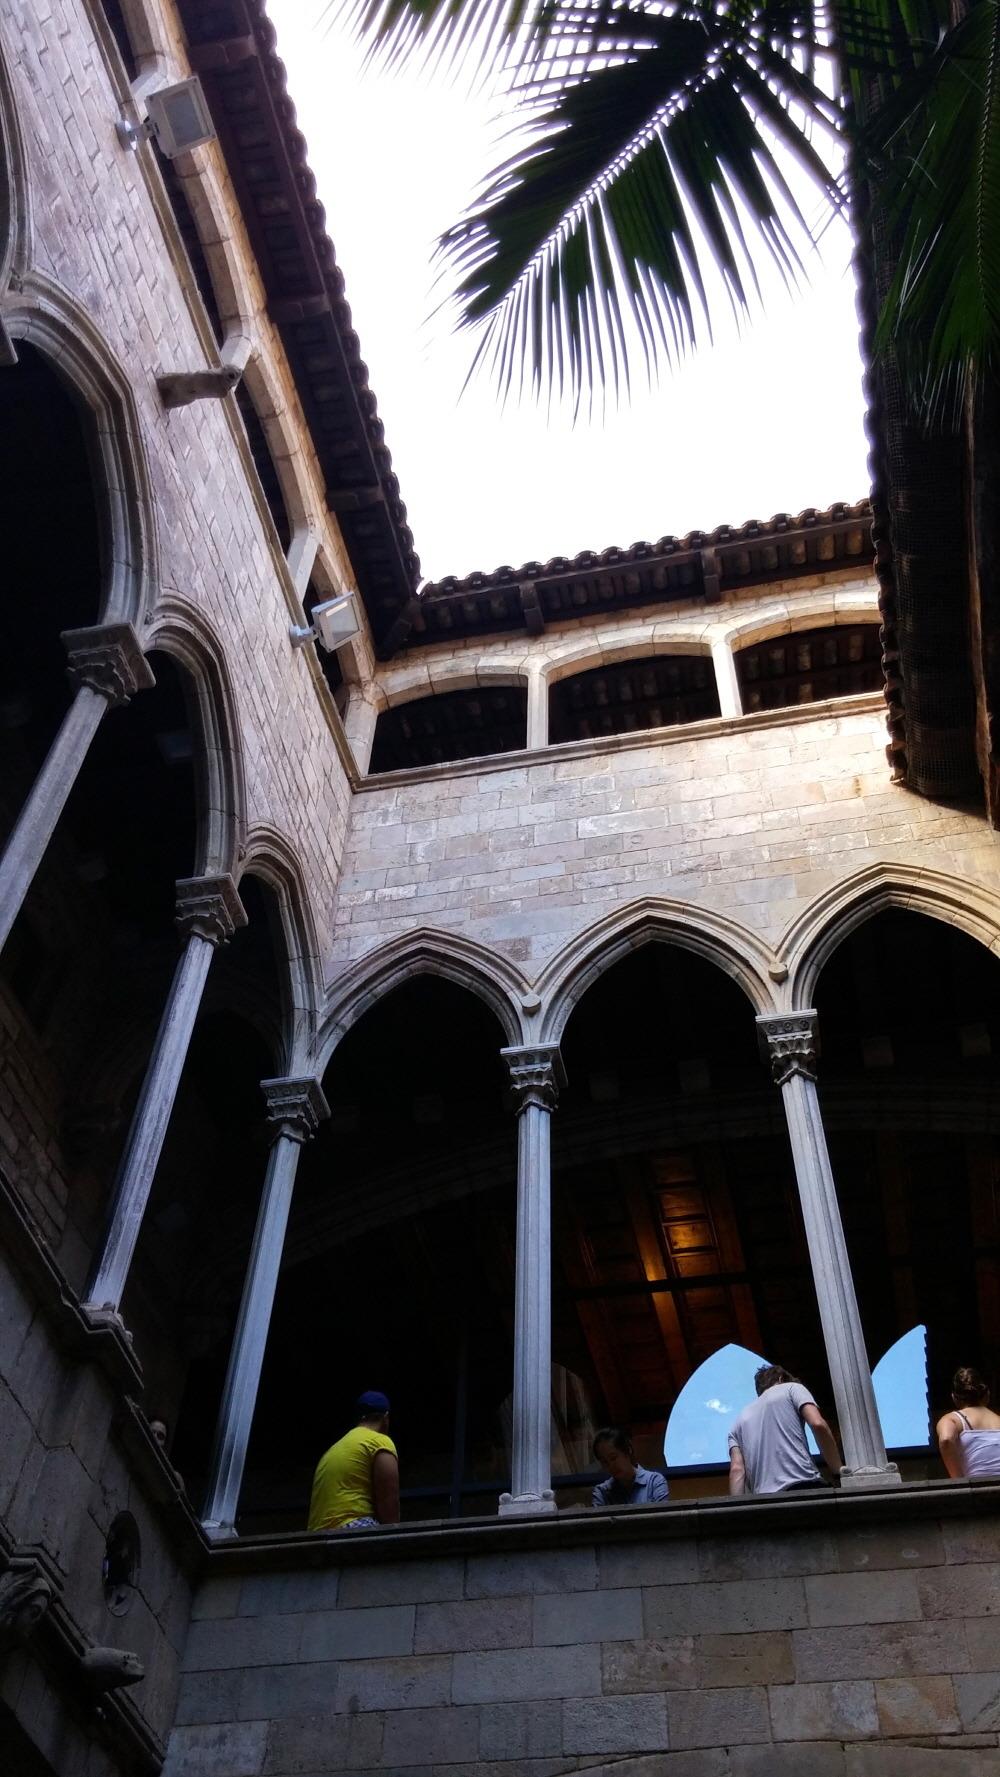 피카소의 역사가 담긴 곳 바르셀로나